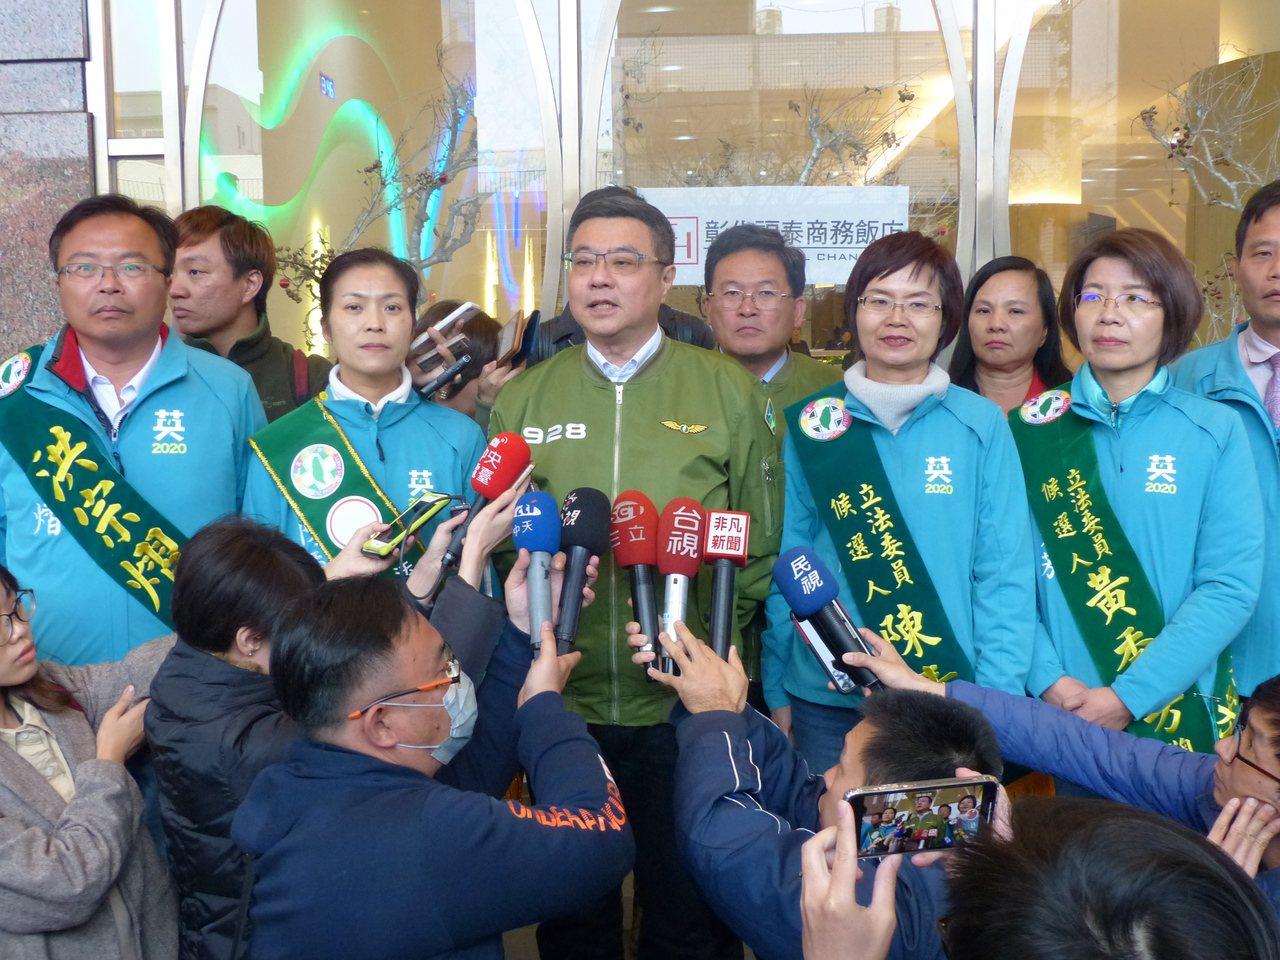 彰化縣立委選舉競爭激烈,民進黨評估是「坐二搶三爭四」。本報資料照片